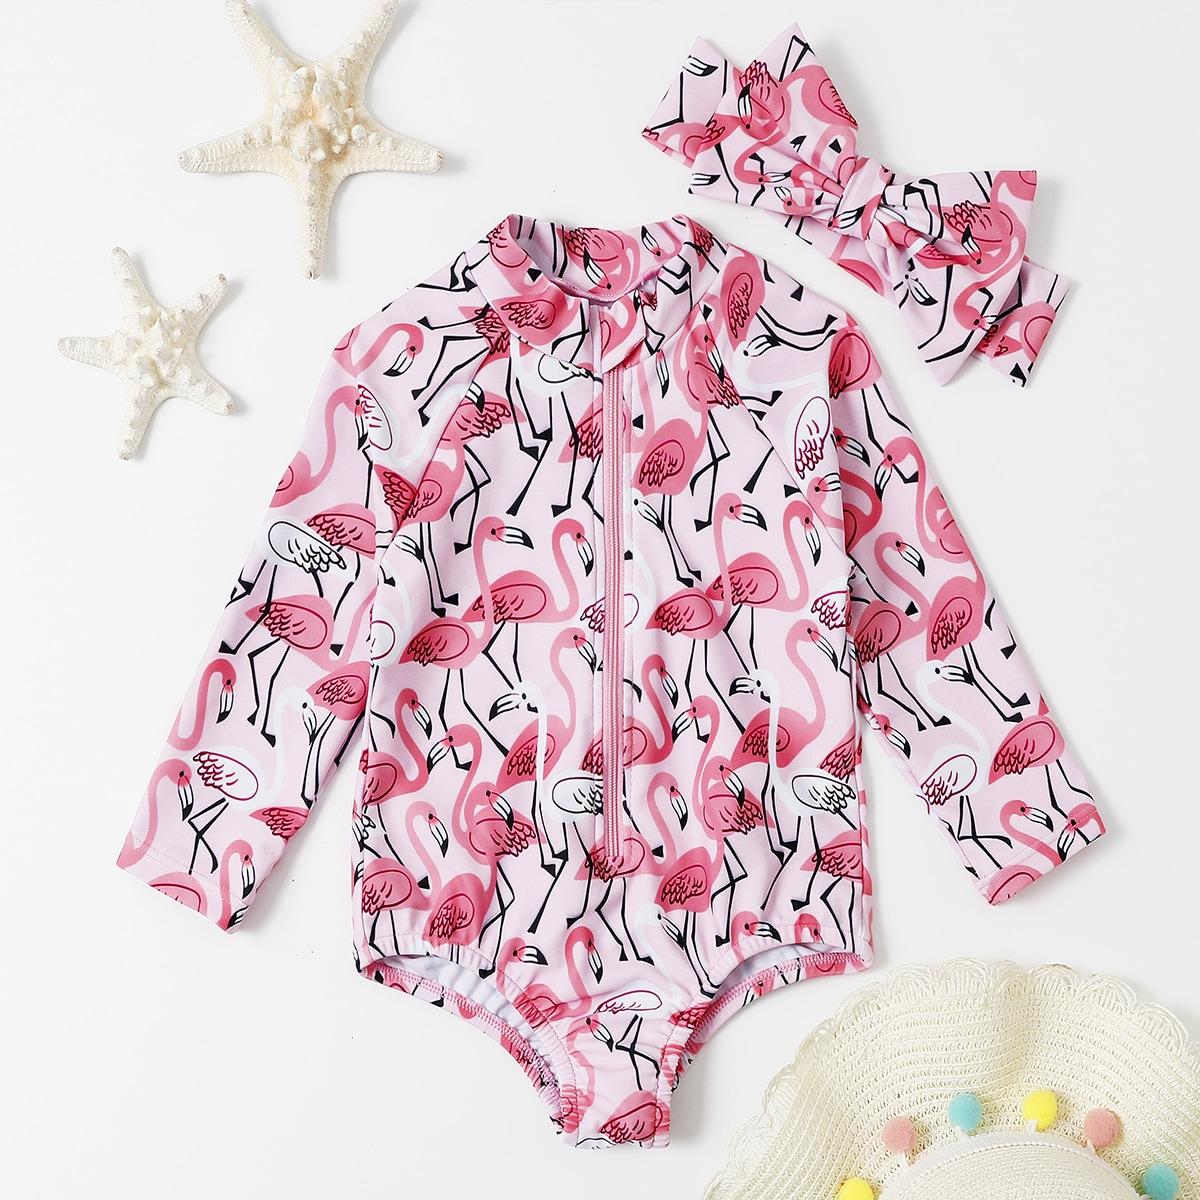 Слитный купальник и повязка на голову с принтом случайного фламинга для девочек